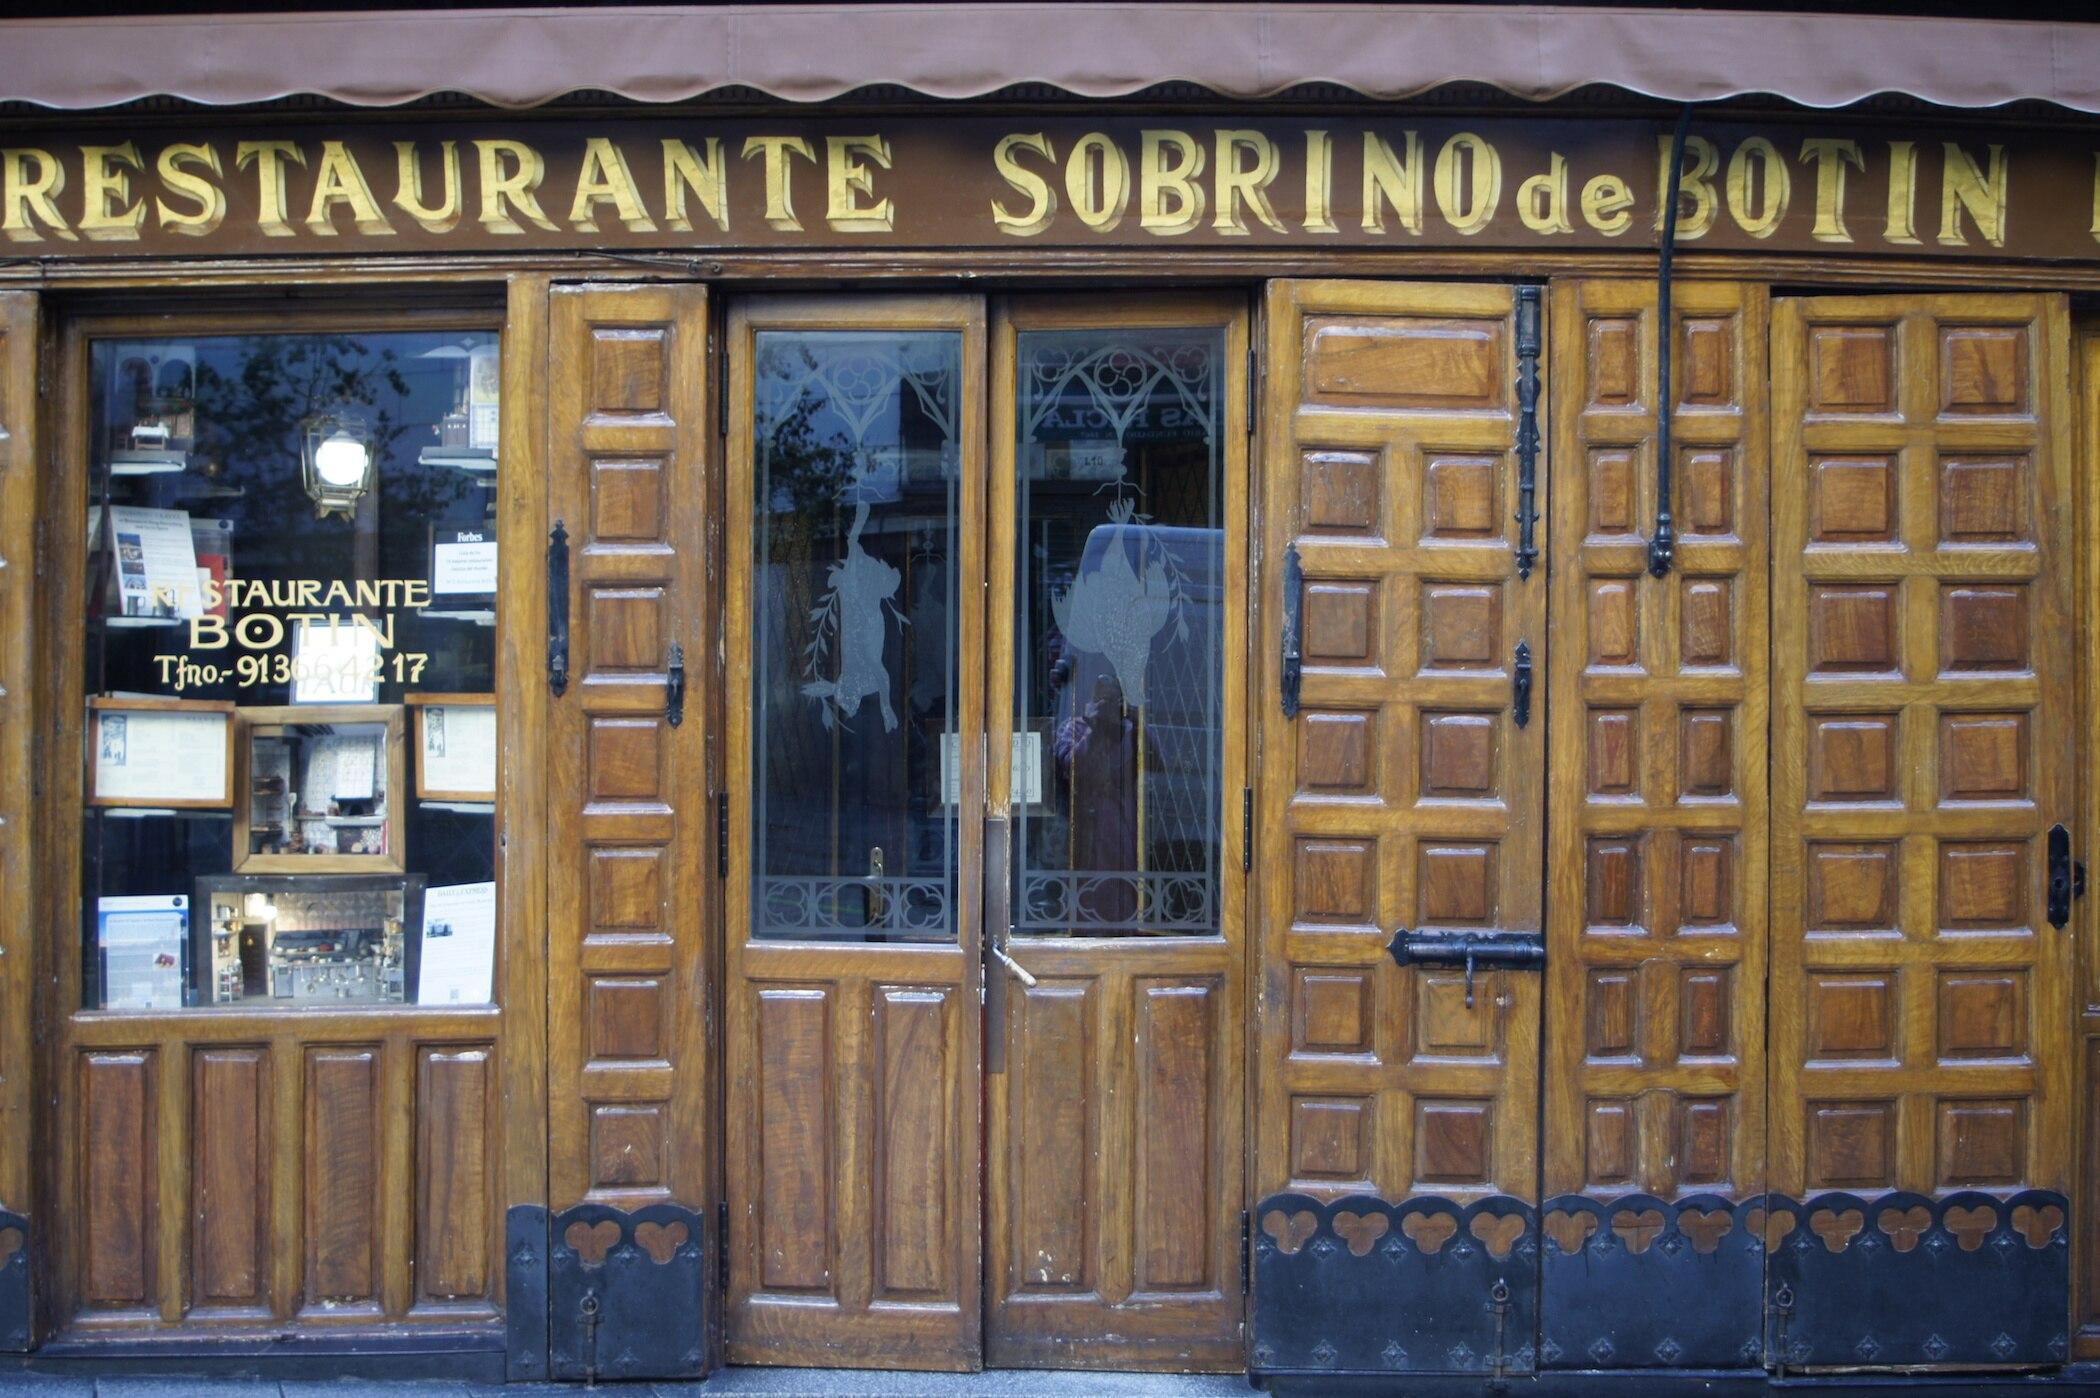 Sobrino De Bot 237 N In Madrid Das 228 Lteste Restaurant Der